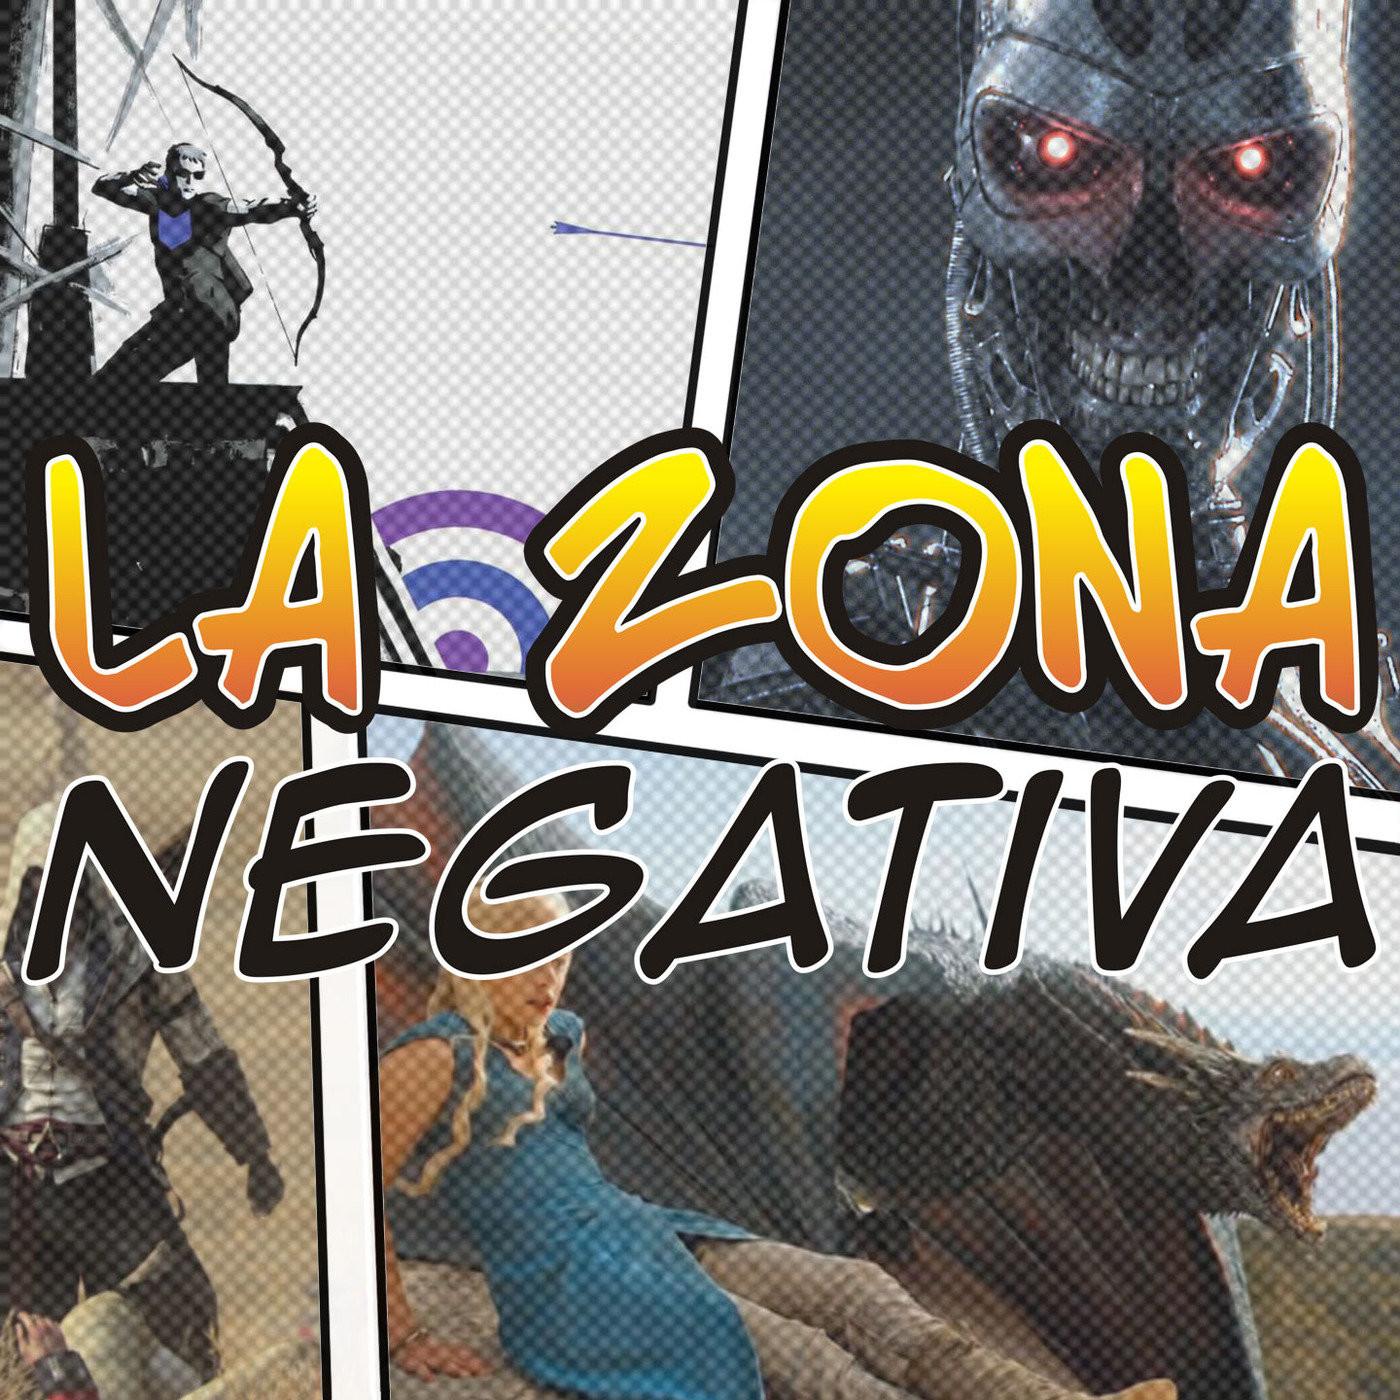 <![CDATA[La Zona Negativa]]>